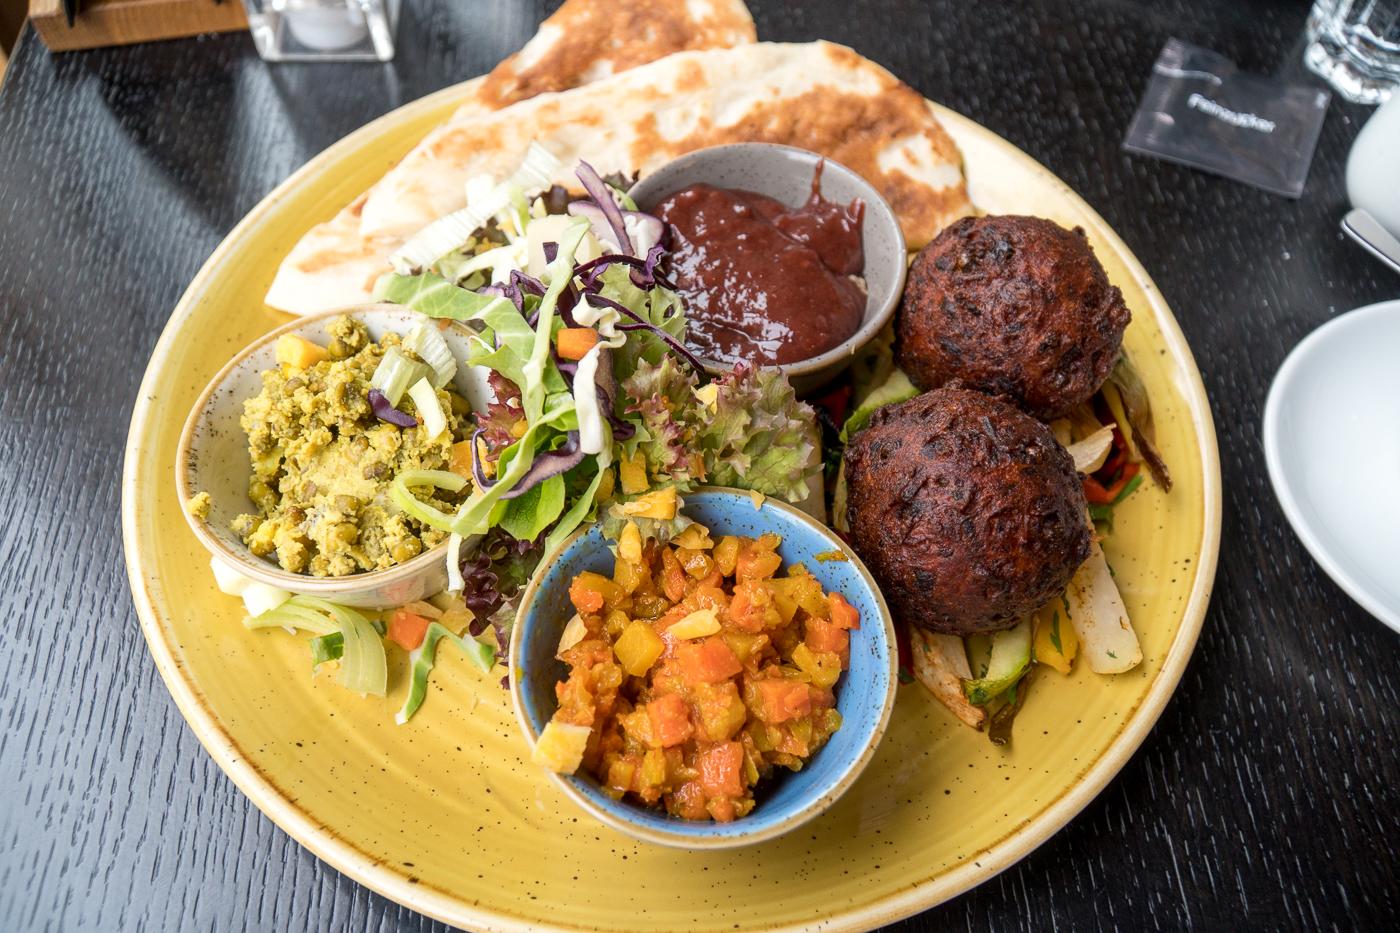 Petit déjeuner brunch indien - Quoi manger à Graz en Autriche